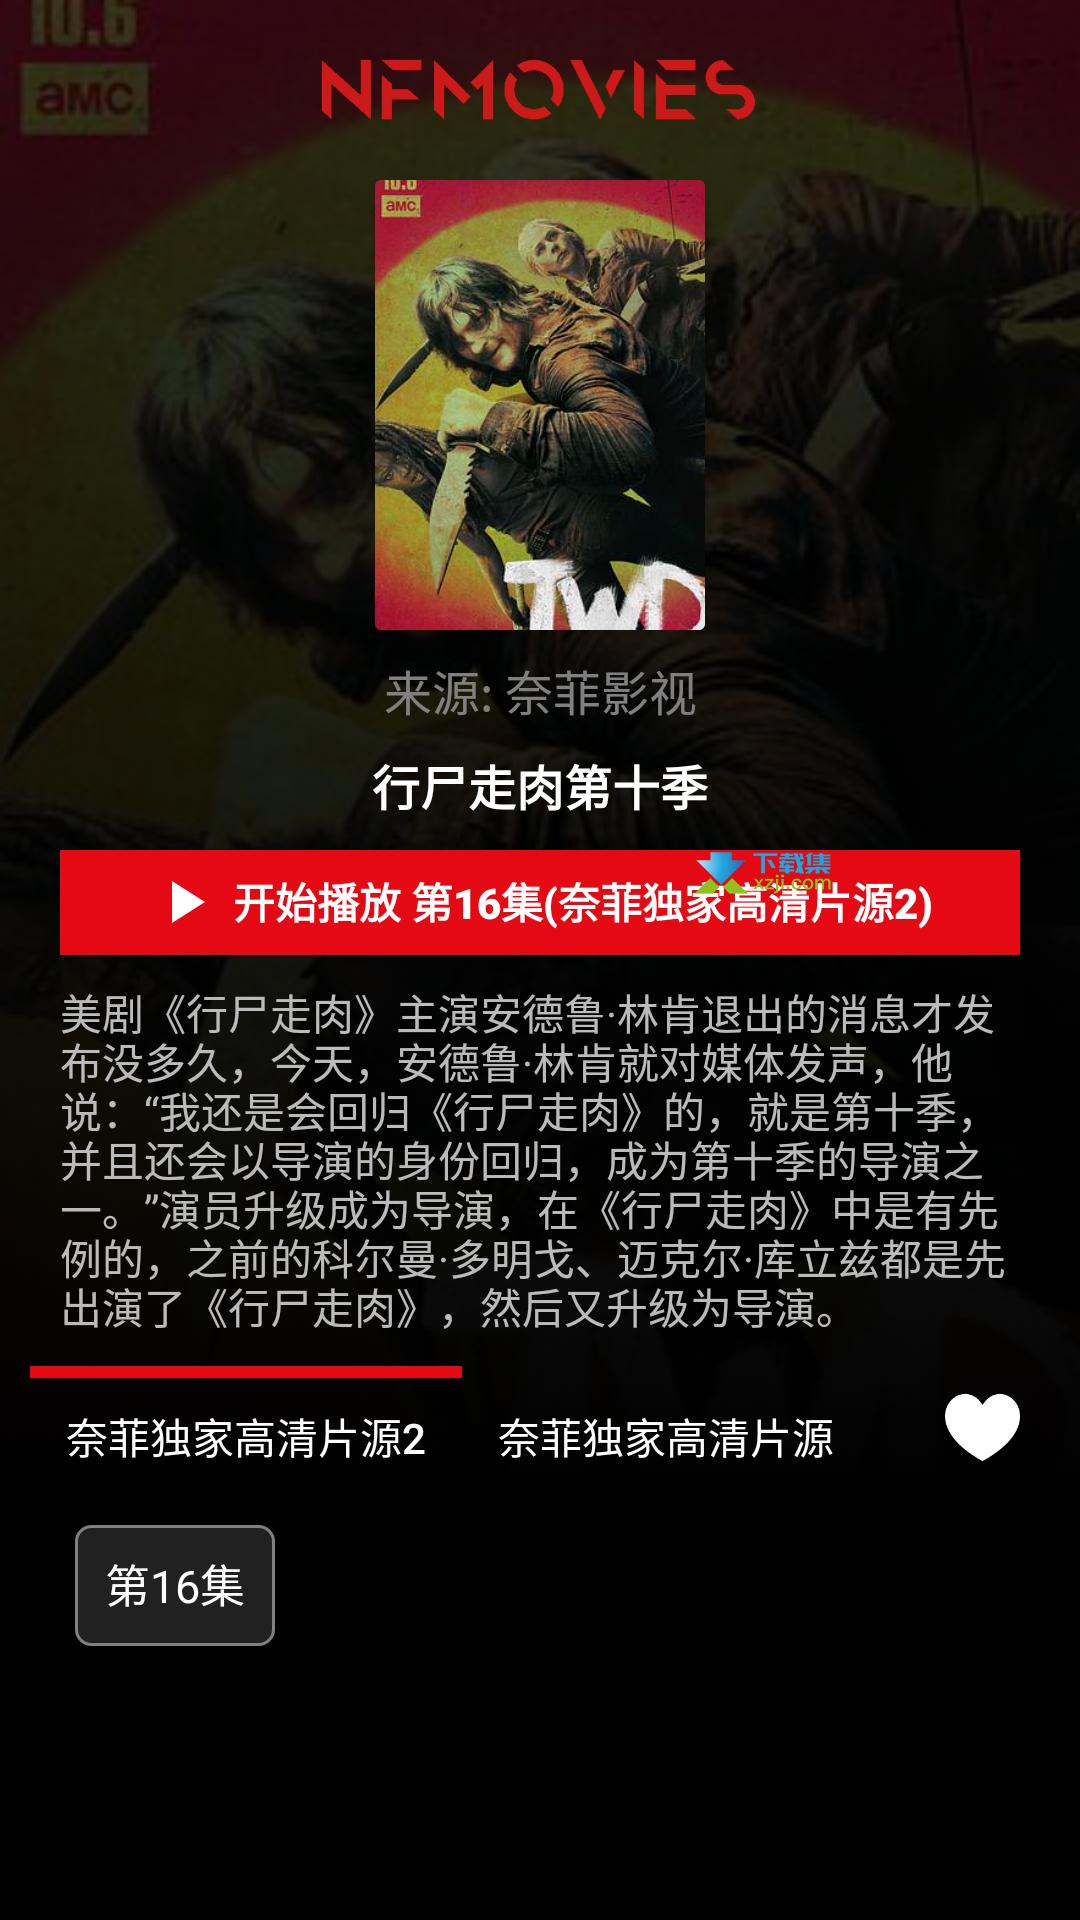 奈菲影视界面2